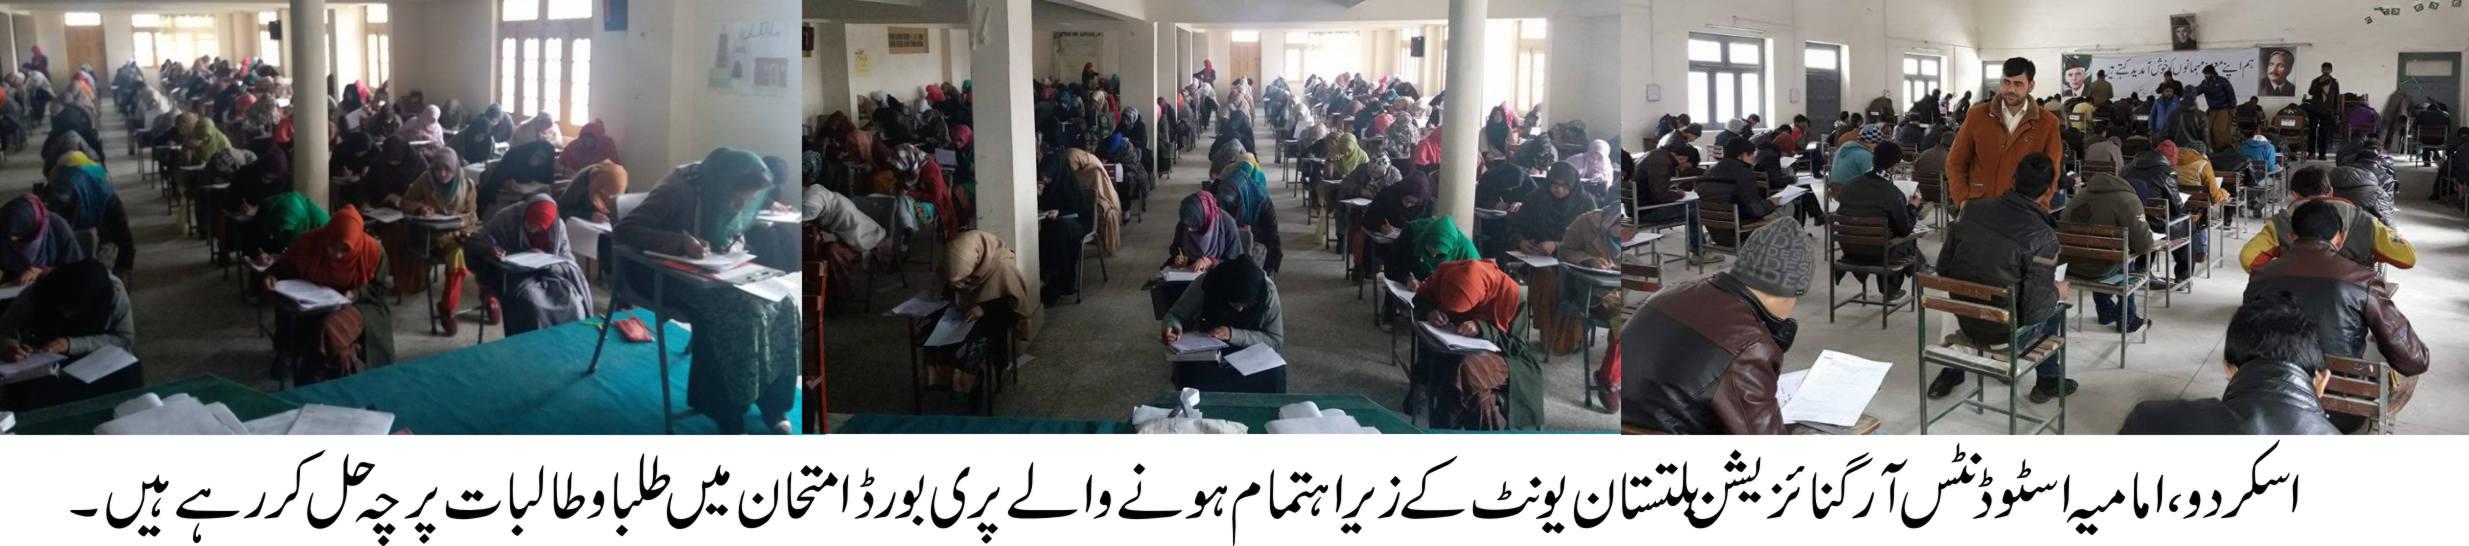 سکردو : امامیہ اسٹوڈنٹس آرگنائزیشن کے تعلیمی شعبہ بولٖڈ کےپری بورڈ امتحانات میں آٹھ سو طلبا و طالبات میں لے رہے ہیں